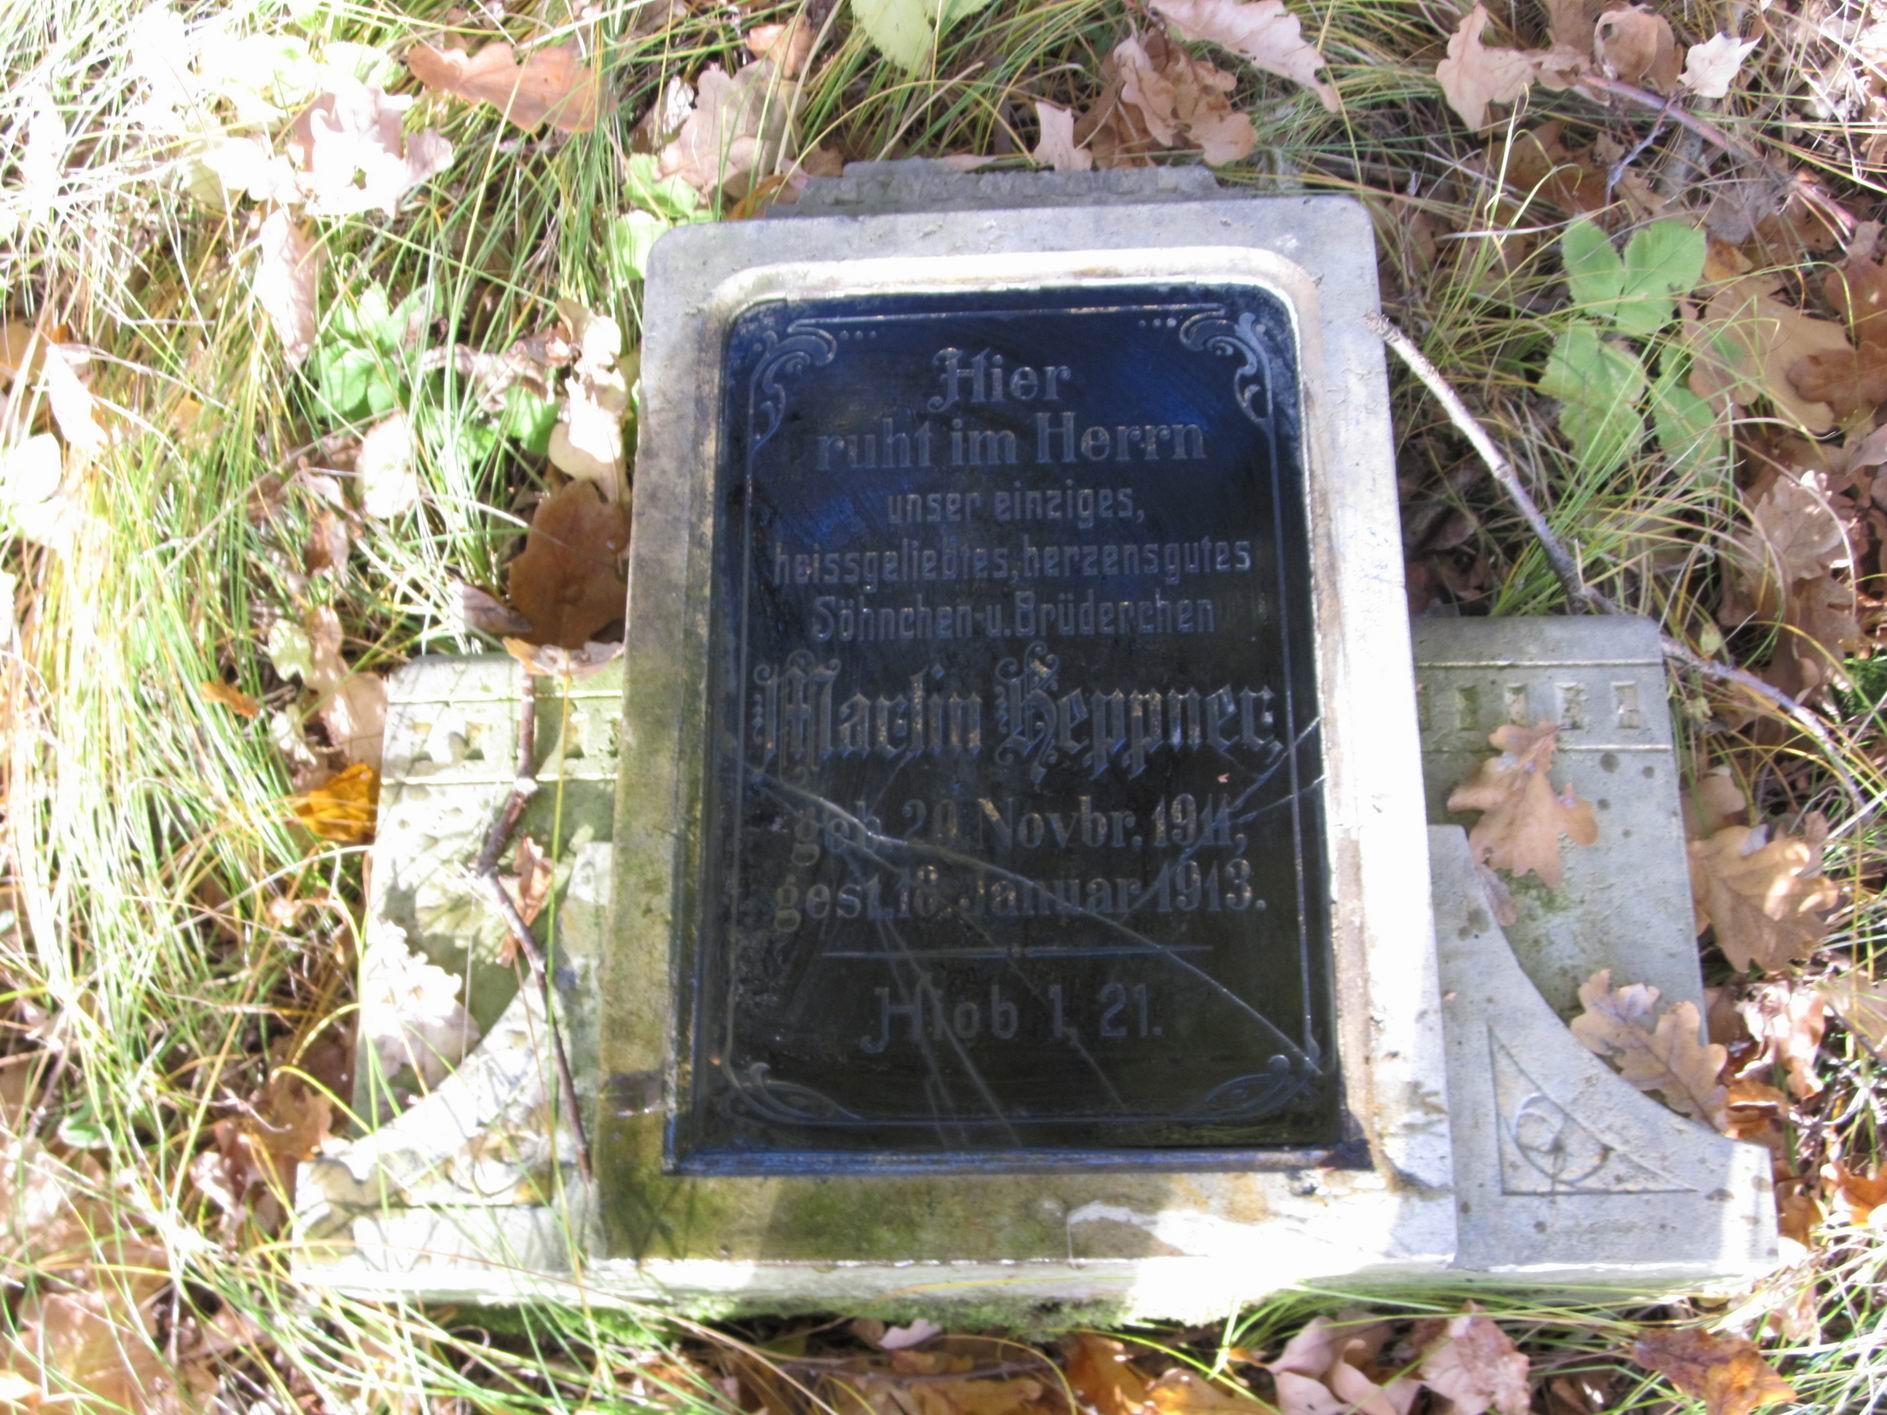 Tu spoczywa w Panu nasz jedyny najukochańszy, najserdeczniejszy synek i braciszek Martin Heppnjer ur. 29 listopad 1911 zm. 18 stycznia 1913 Hiob 1.21 Nagi wyszedłem z łona matki mojej i nagi stąd odejdę. Pan dał, Pan wziął, niech będzie imię Pańskie błogosławione.